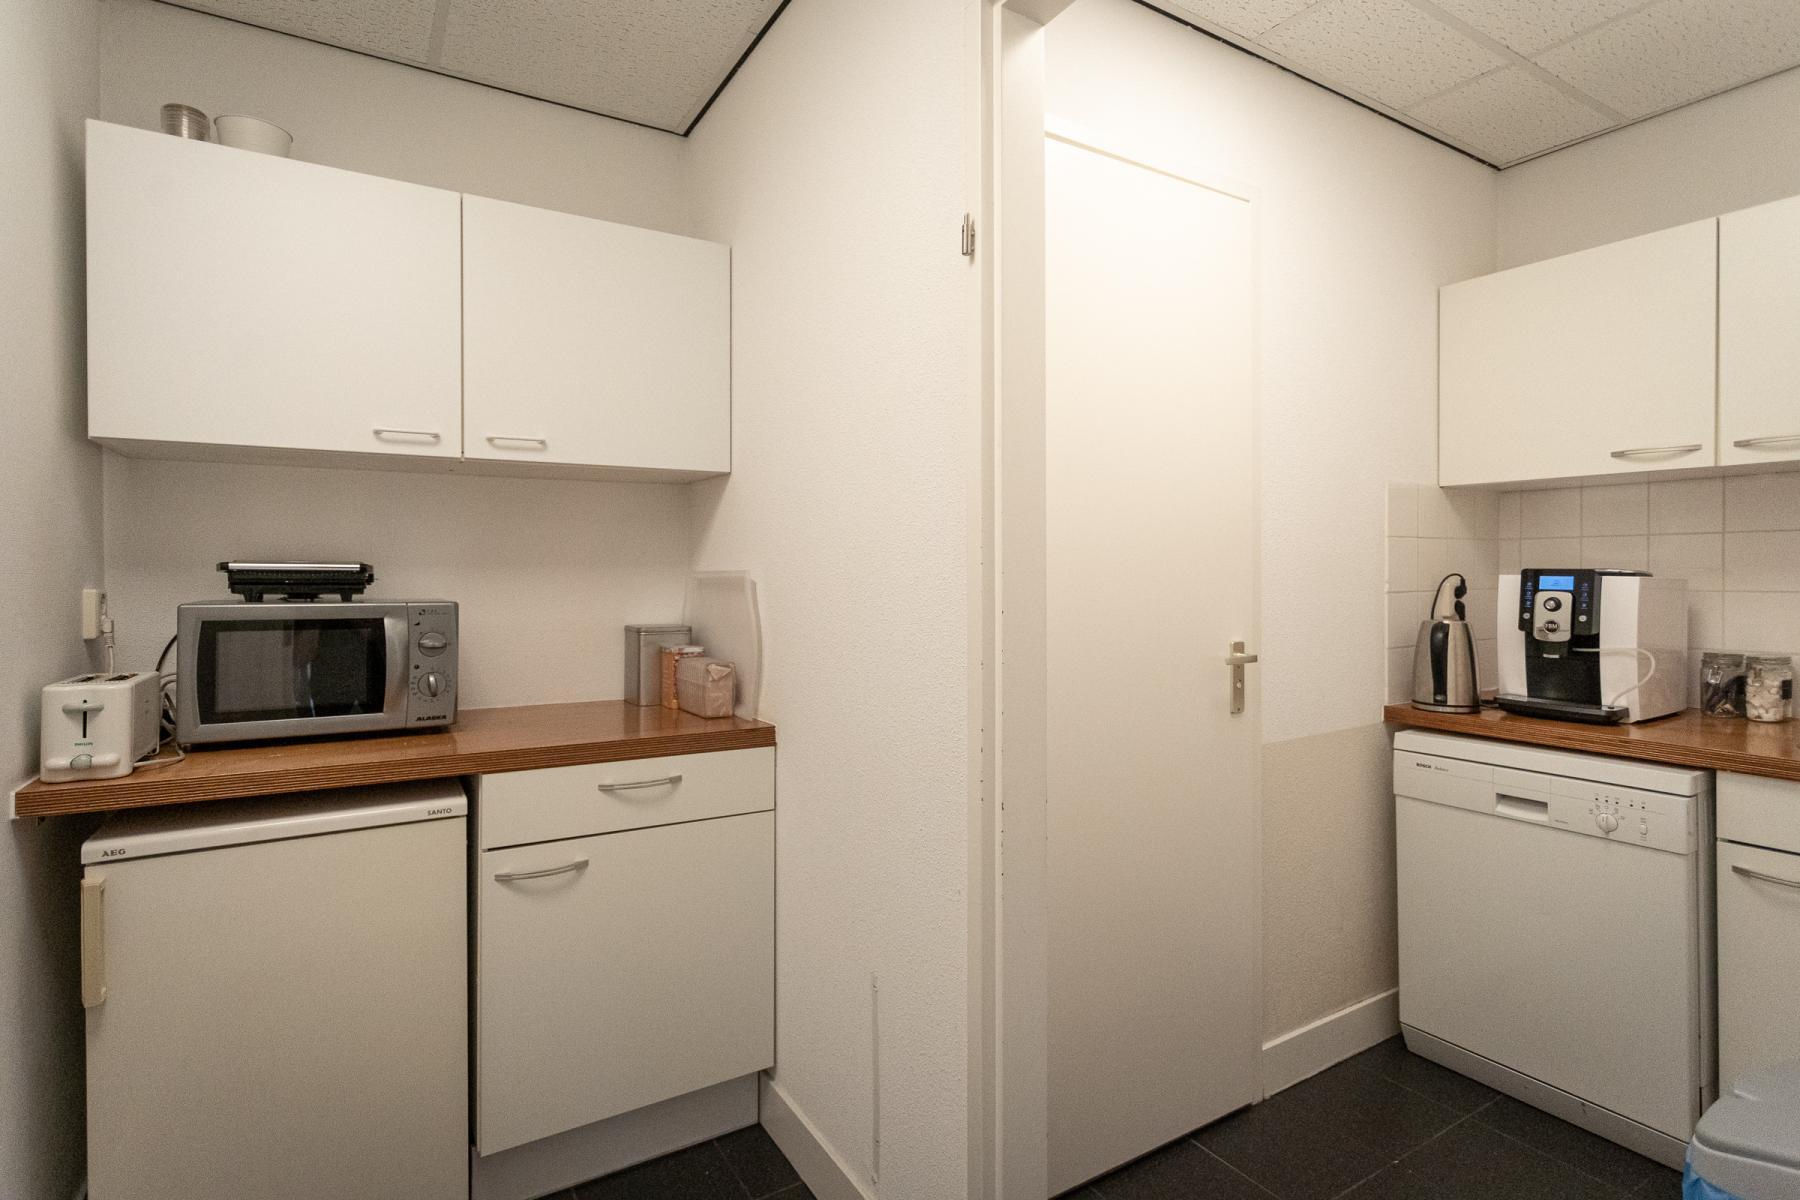 Minervum Breda gratis parkeren industrie net pand licht vergaderruimte keuken